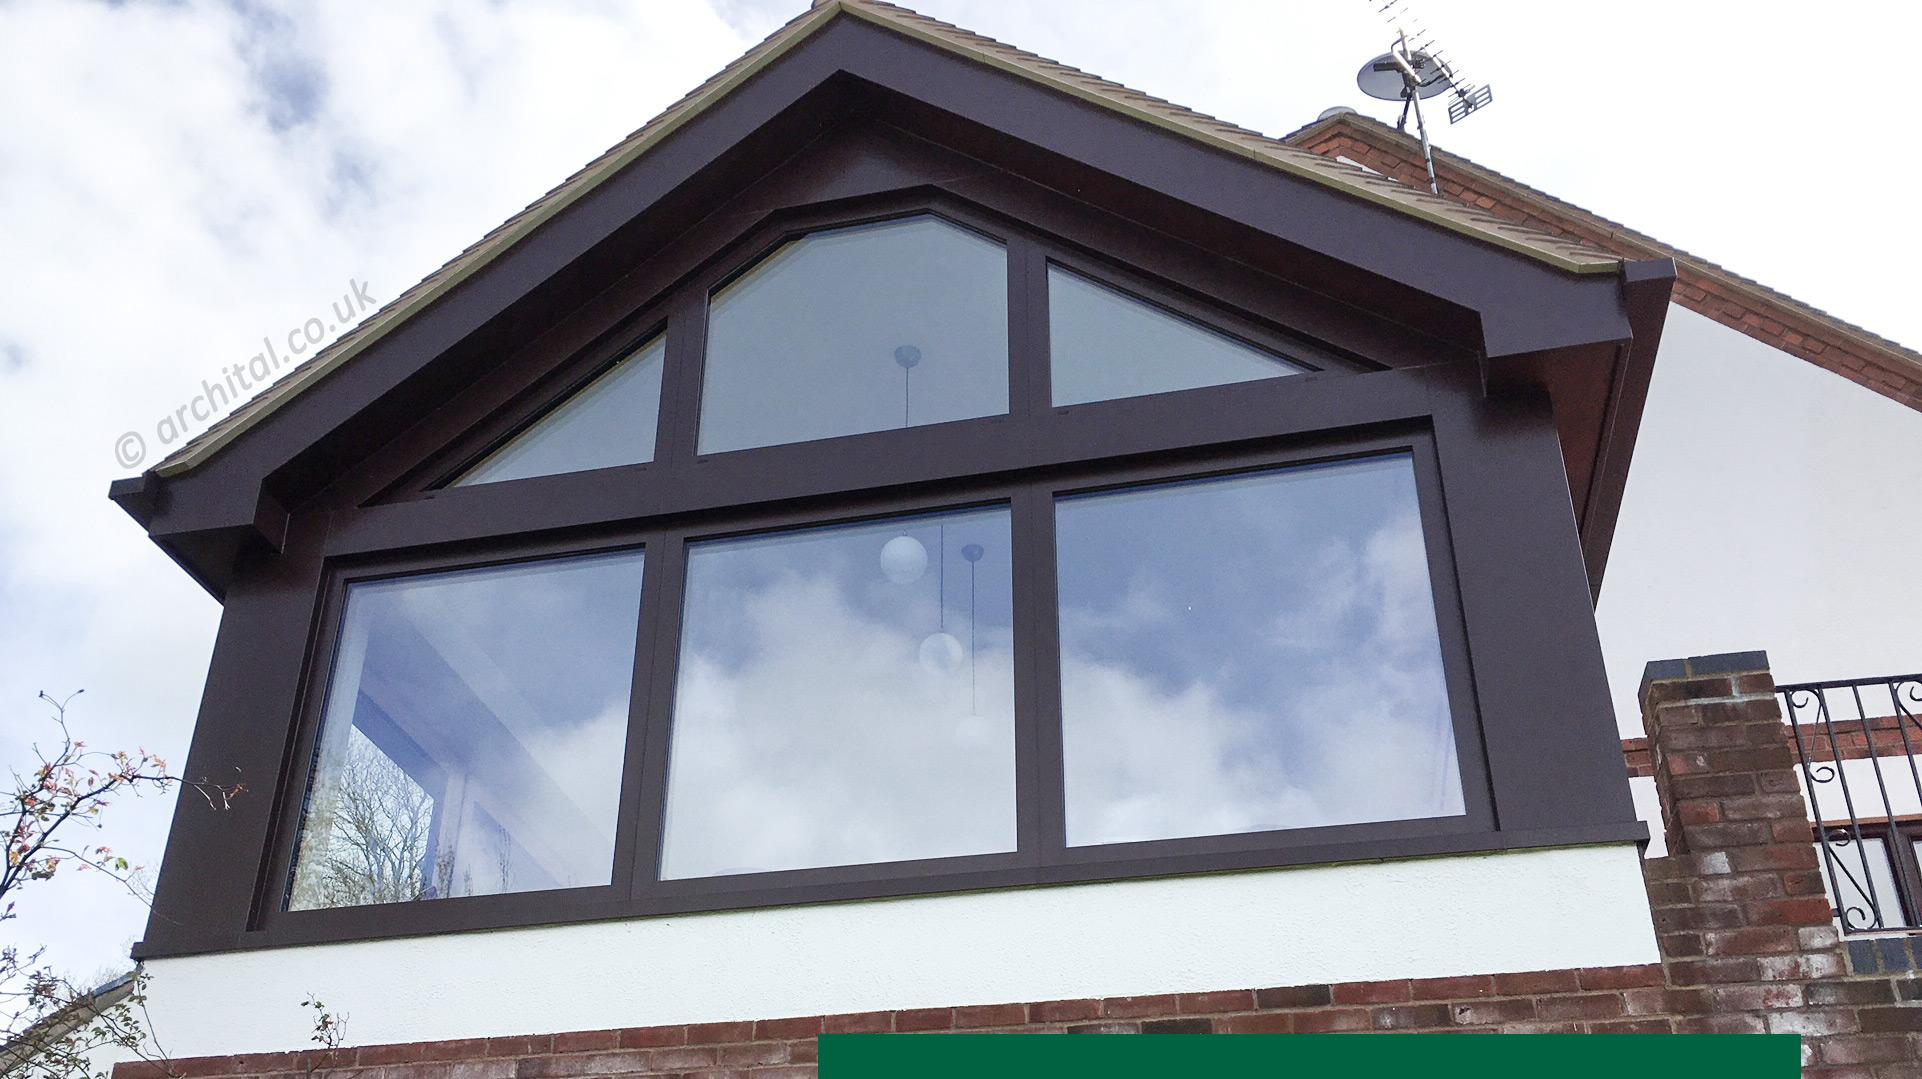 Aluminium beam cover trims and soffits